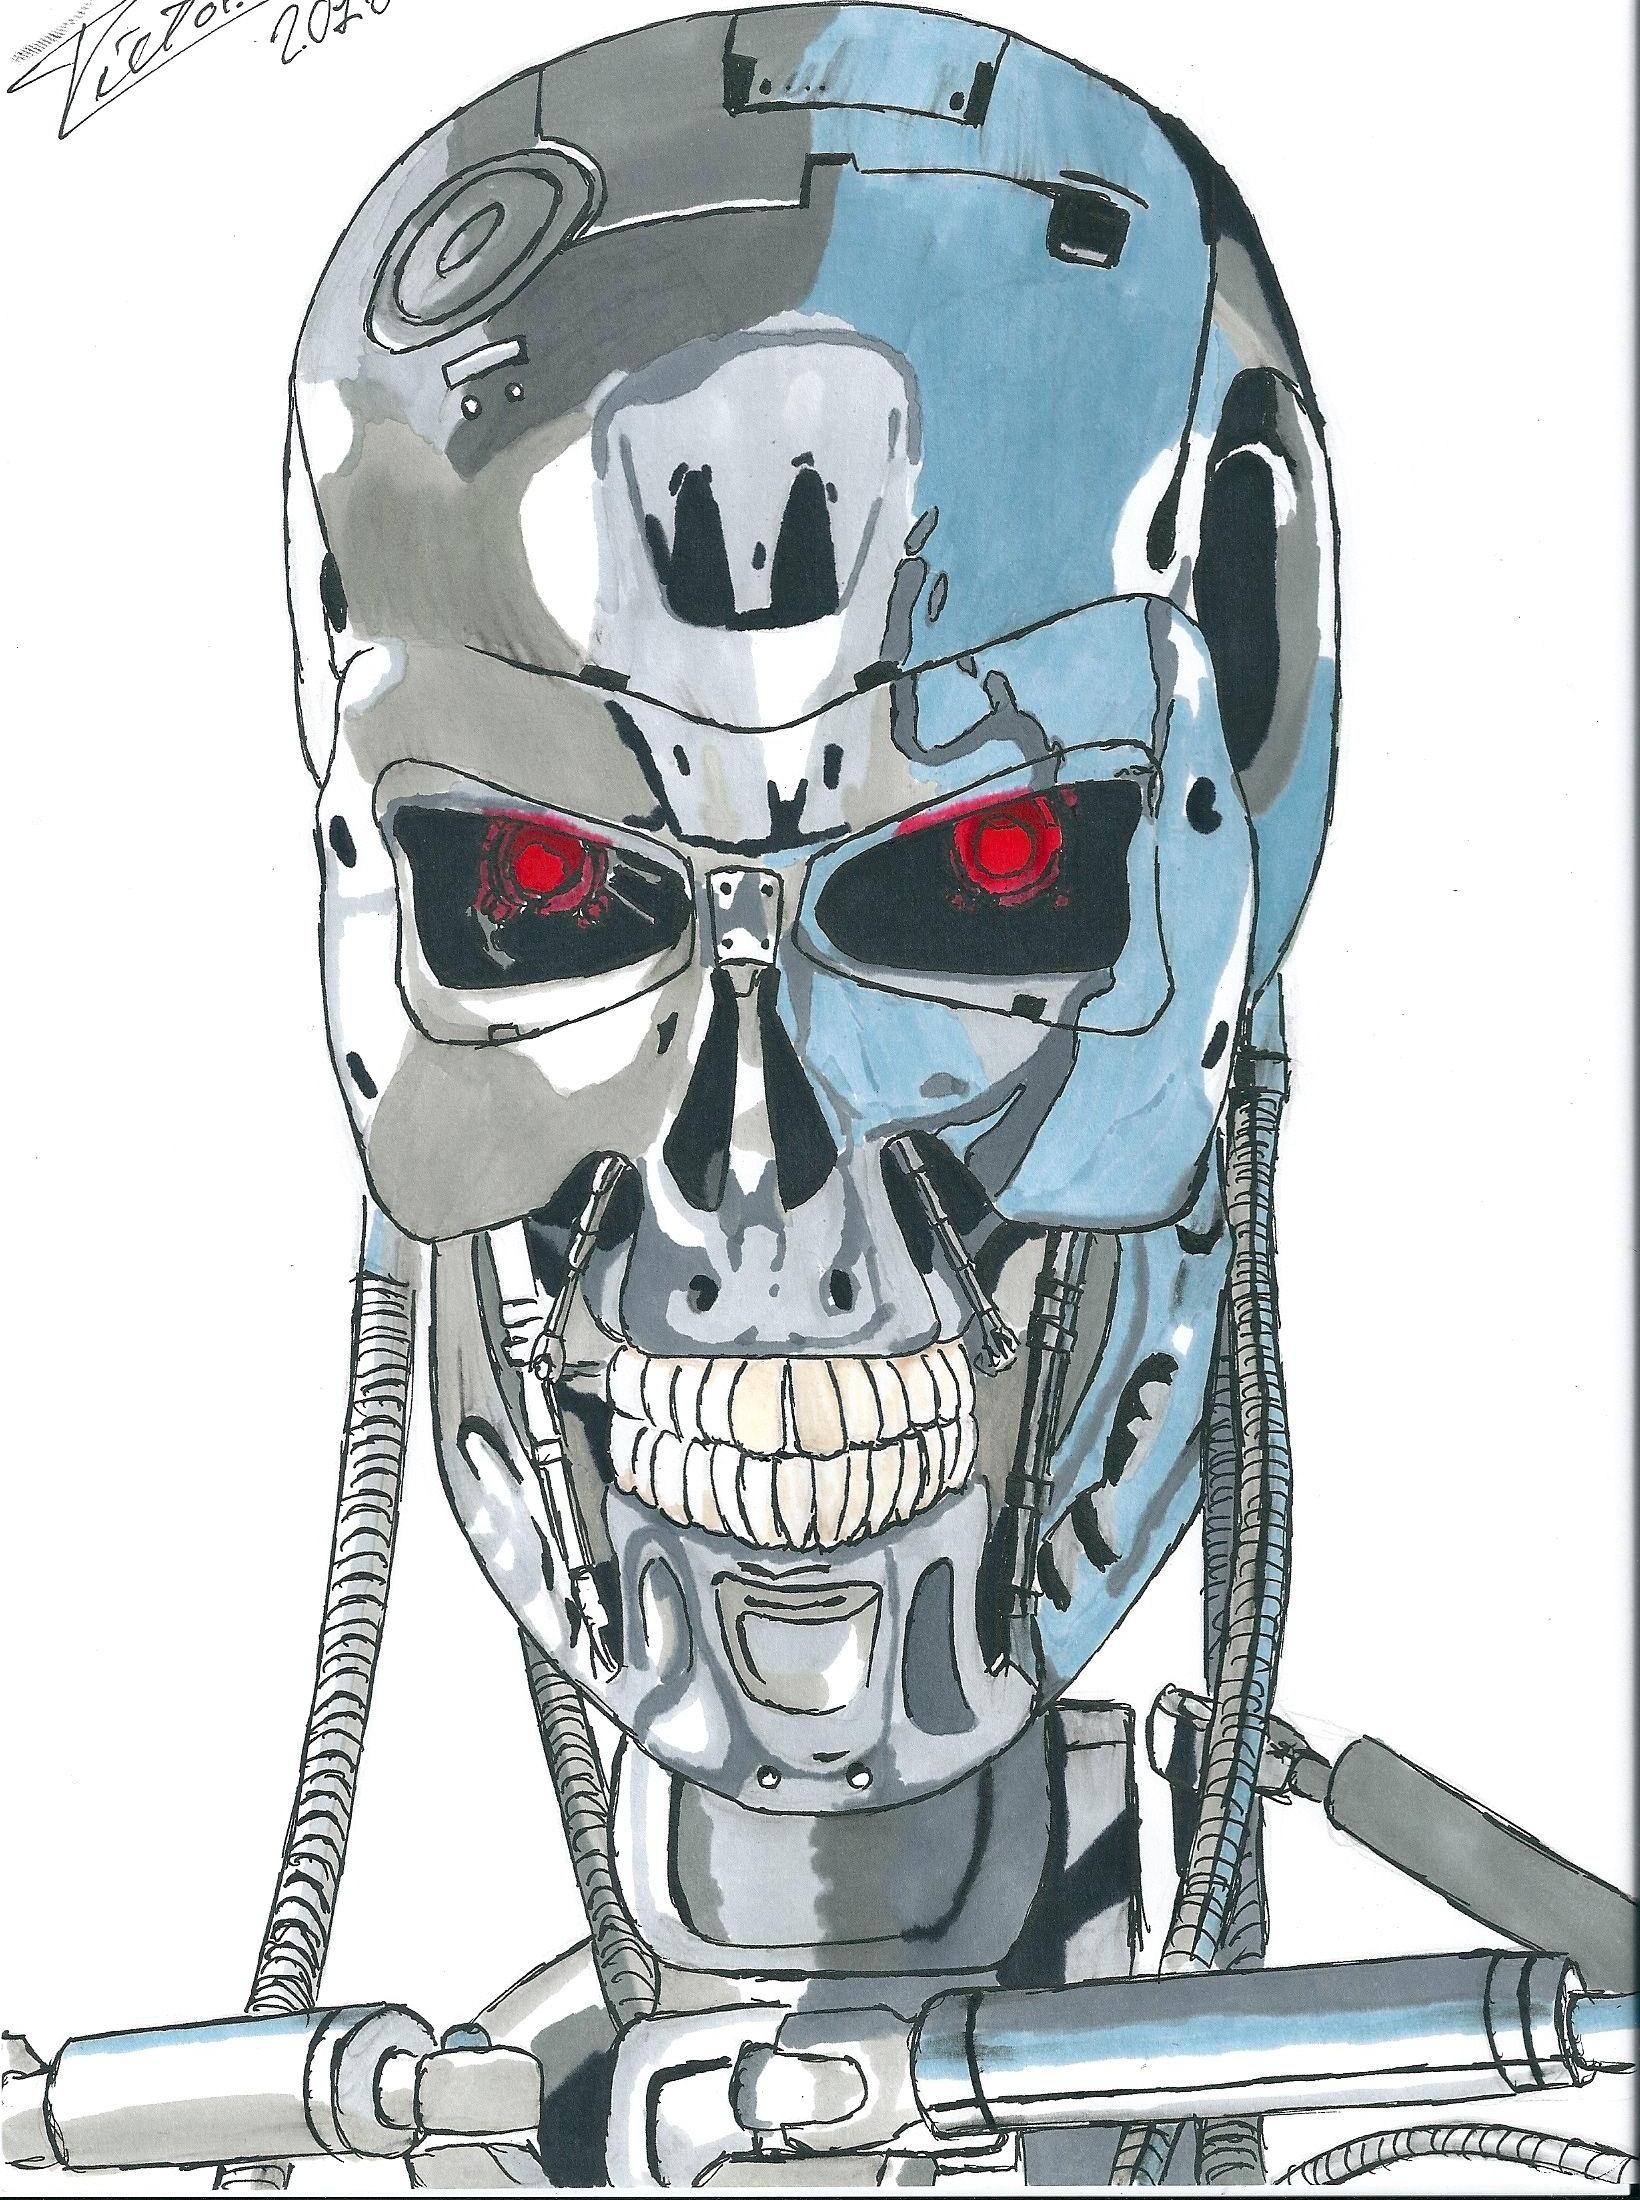 The Terminator. Formato din A4, hecho con rotuladores Letraset Promarker.